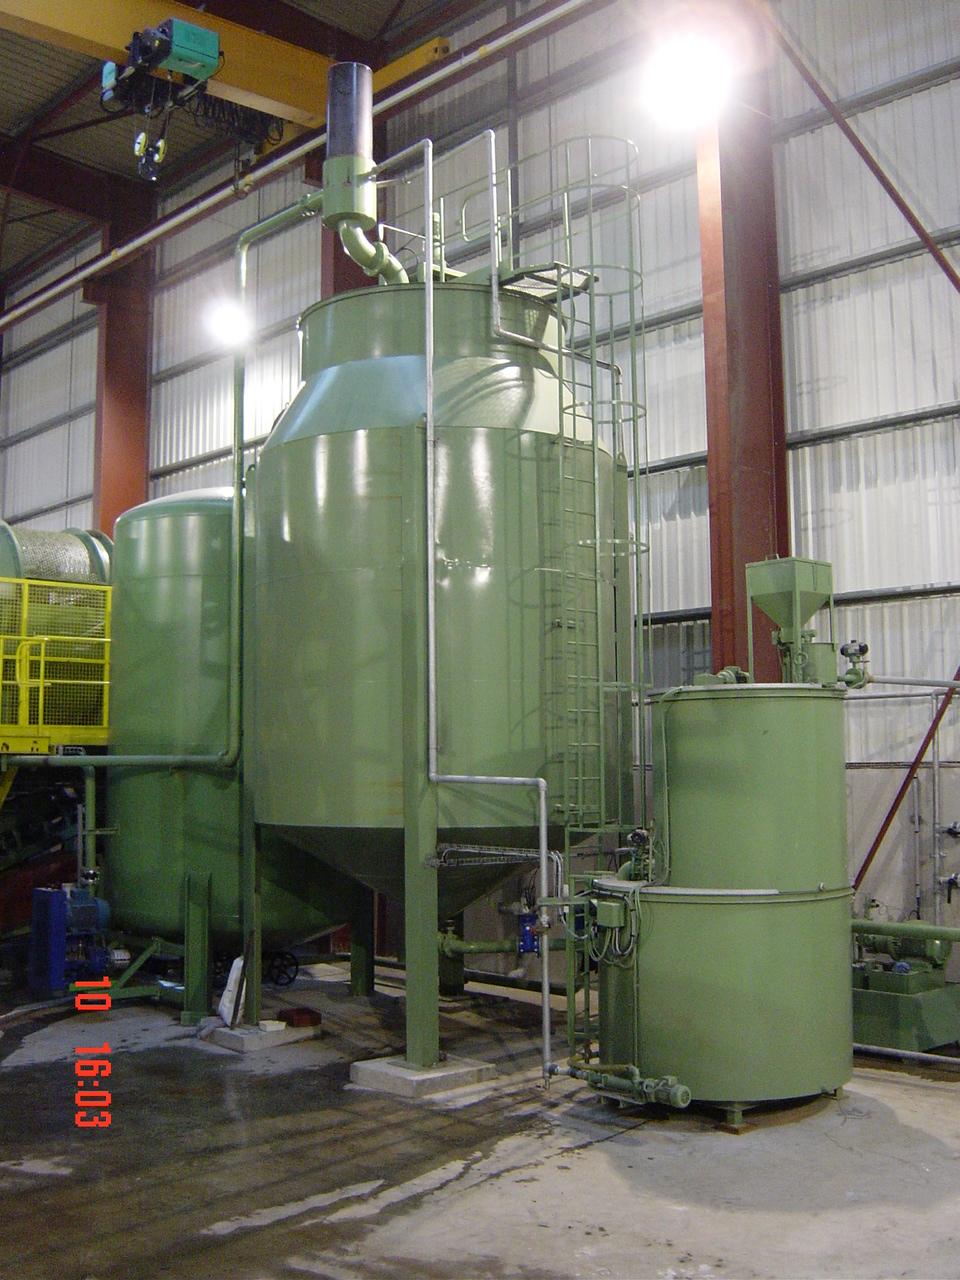 Installation de traitement d'eaux et boues d'une installation de séparation de plastiques, caoutchoucs, aluminium